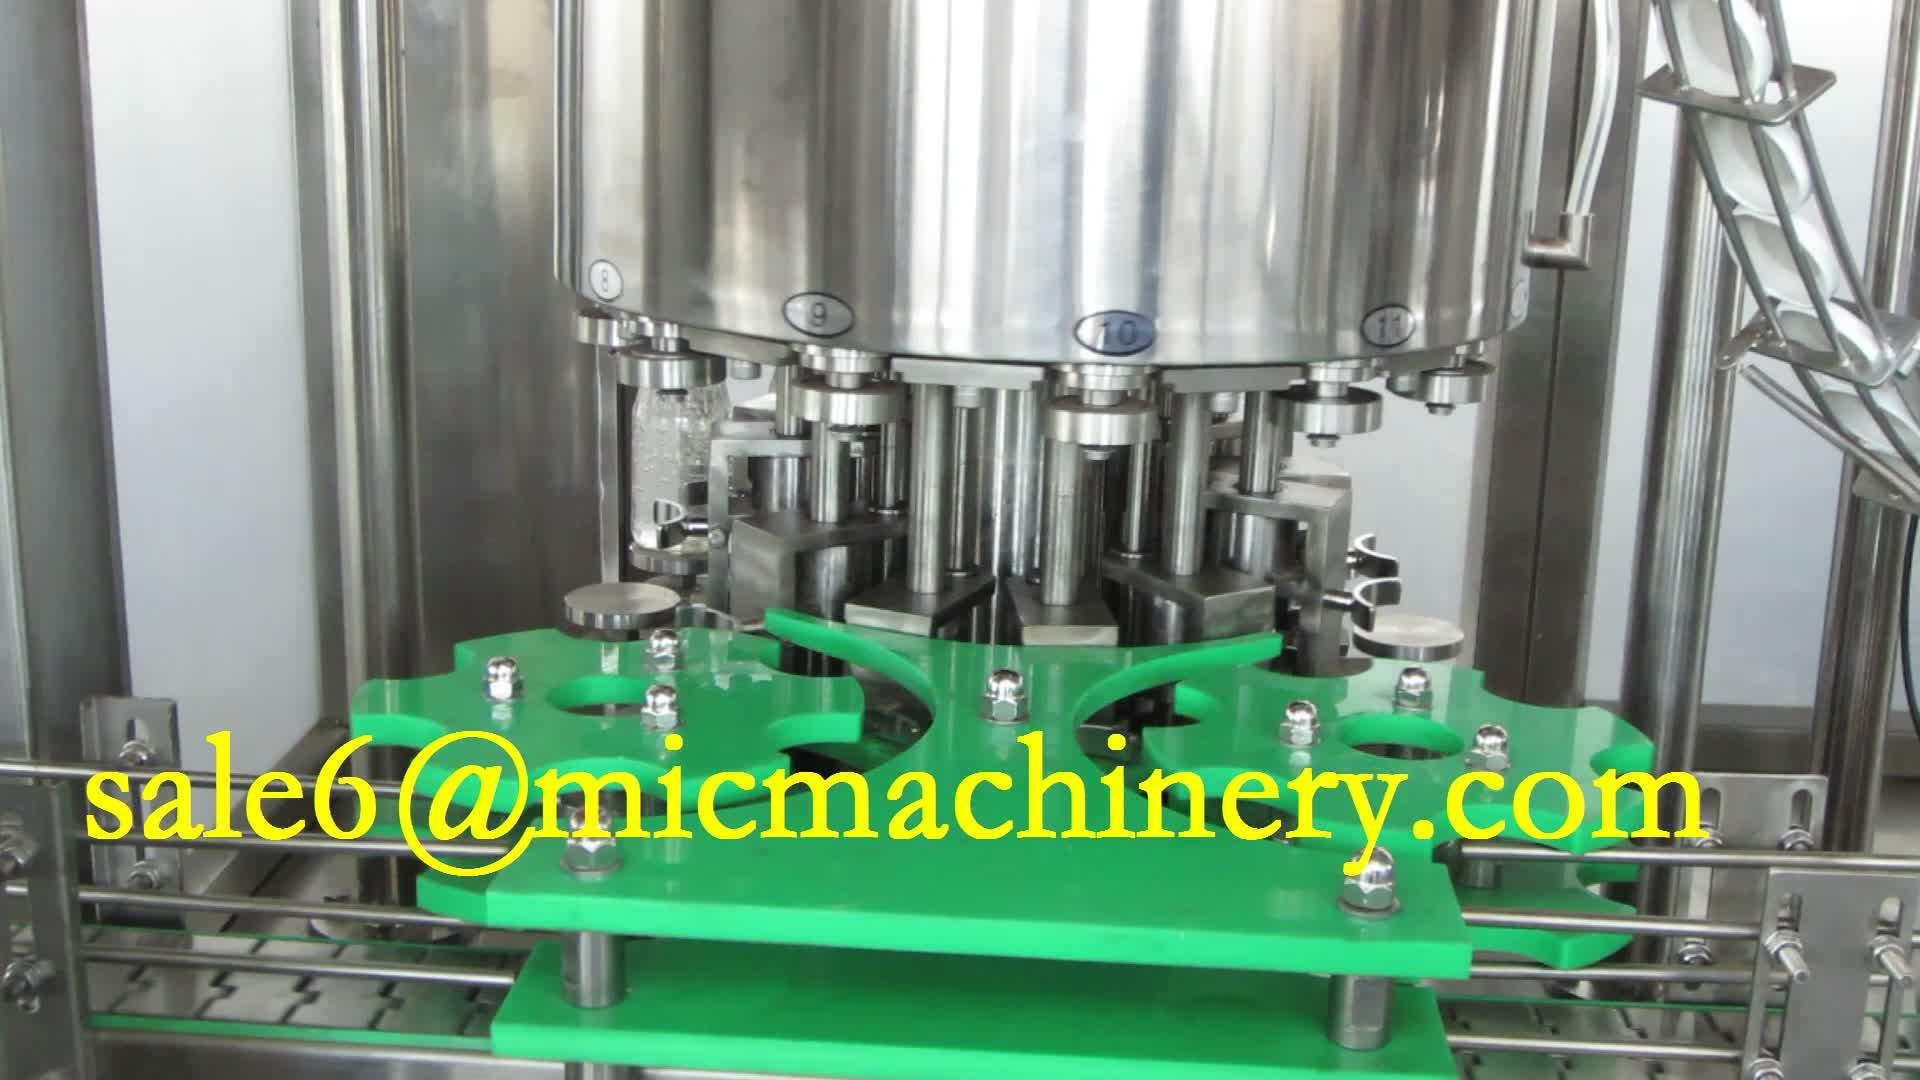 कांच की बोतल शराब वोदका शराब भरने की मशीन